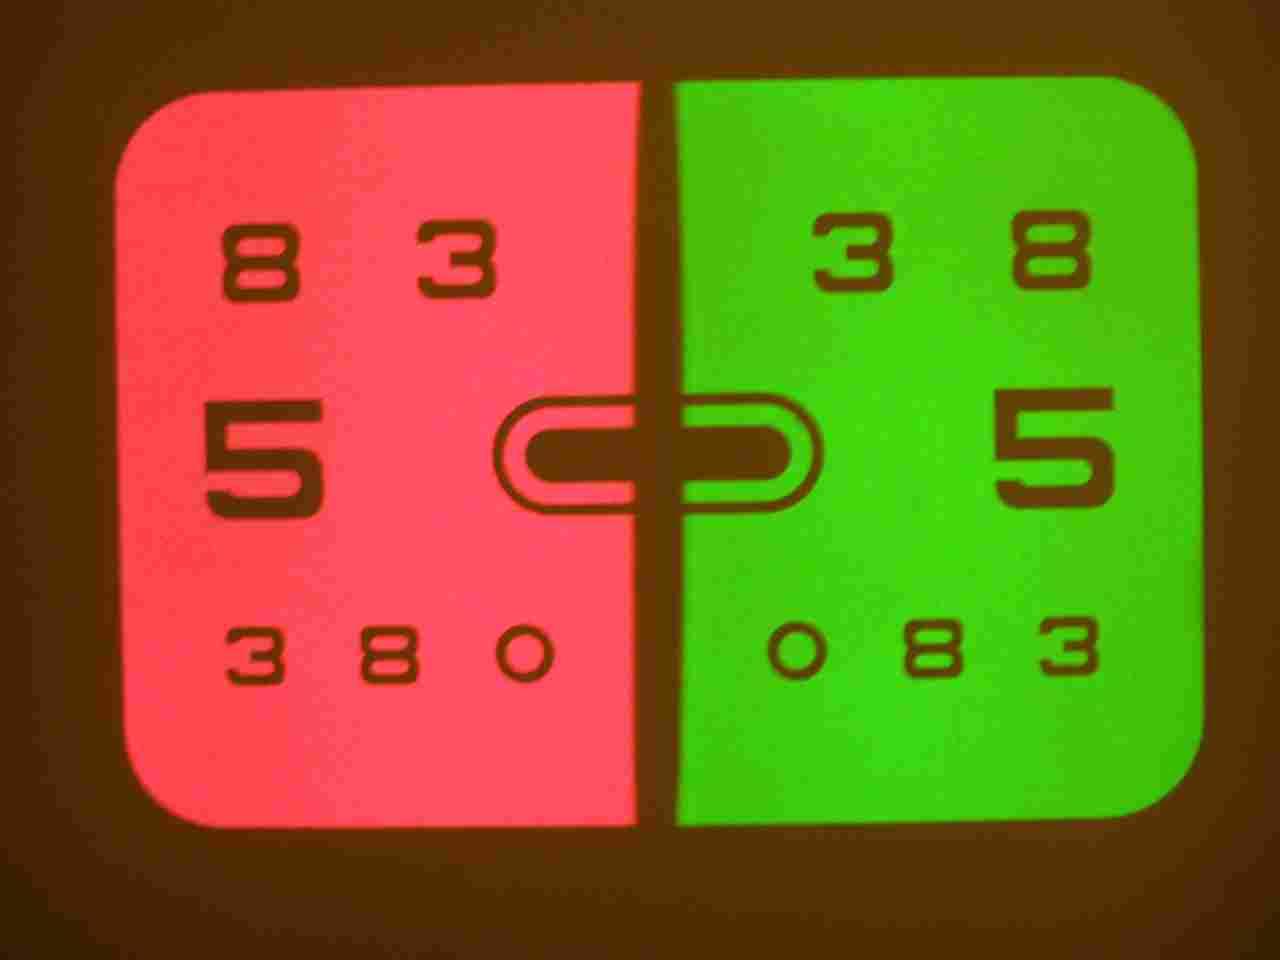 zöld-vörös szem teszt diagram)